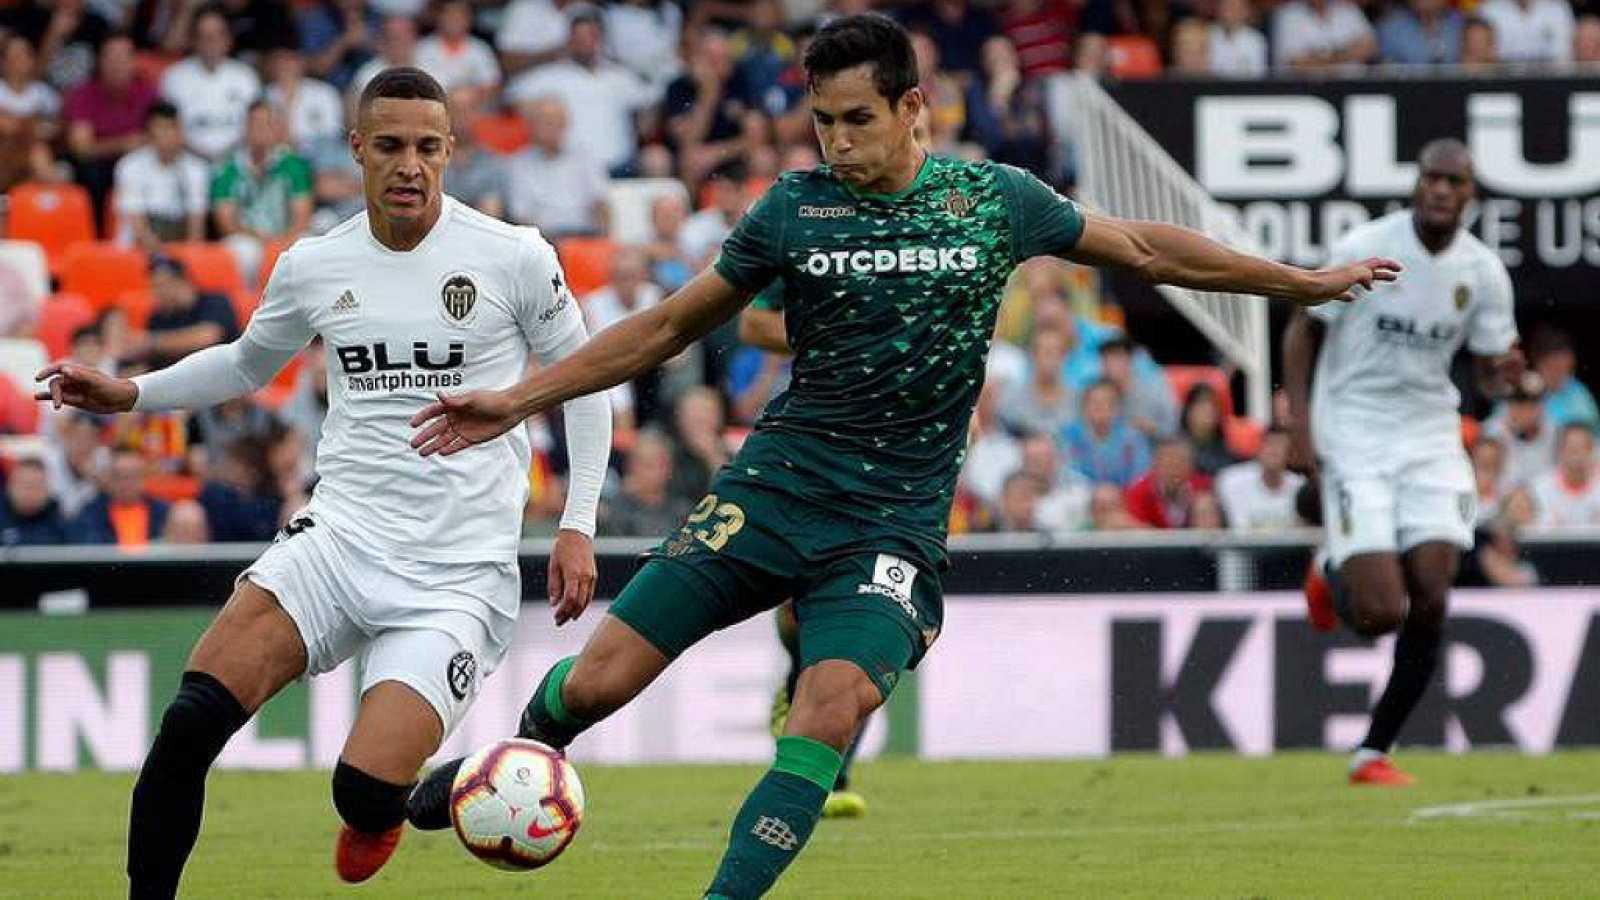 Uno de los finalistas de la Copa del Rey 2019 se decidirá en Mestalla 1